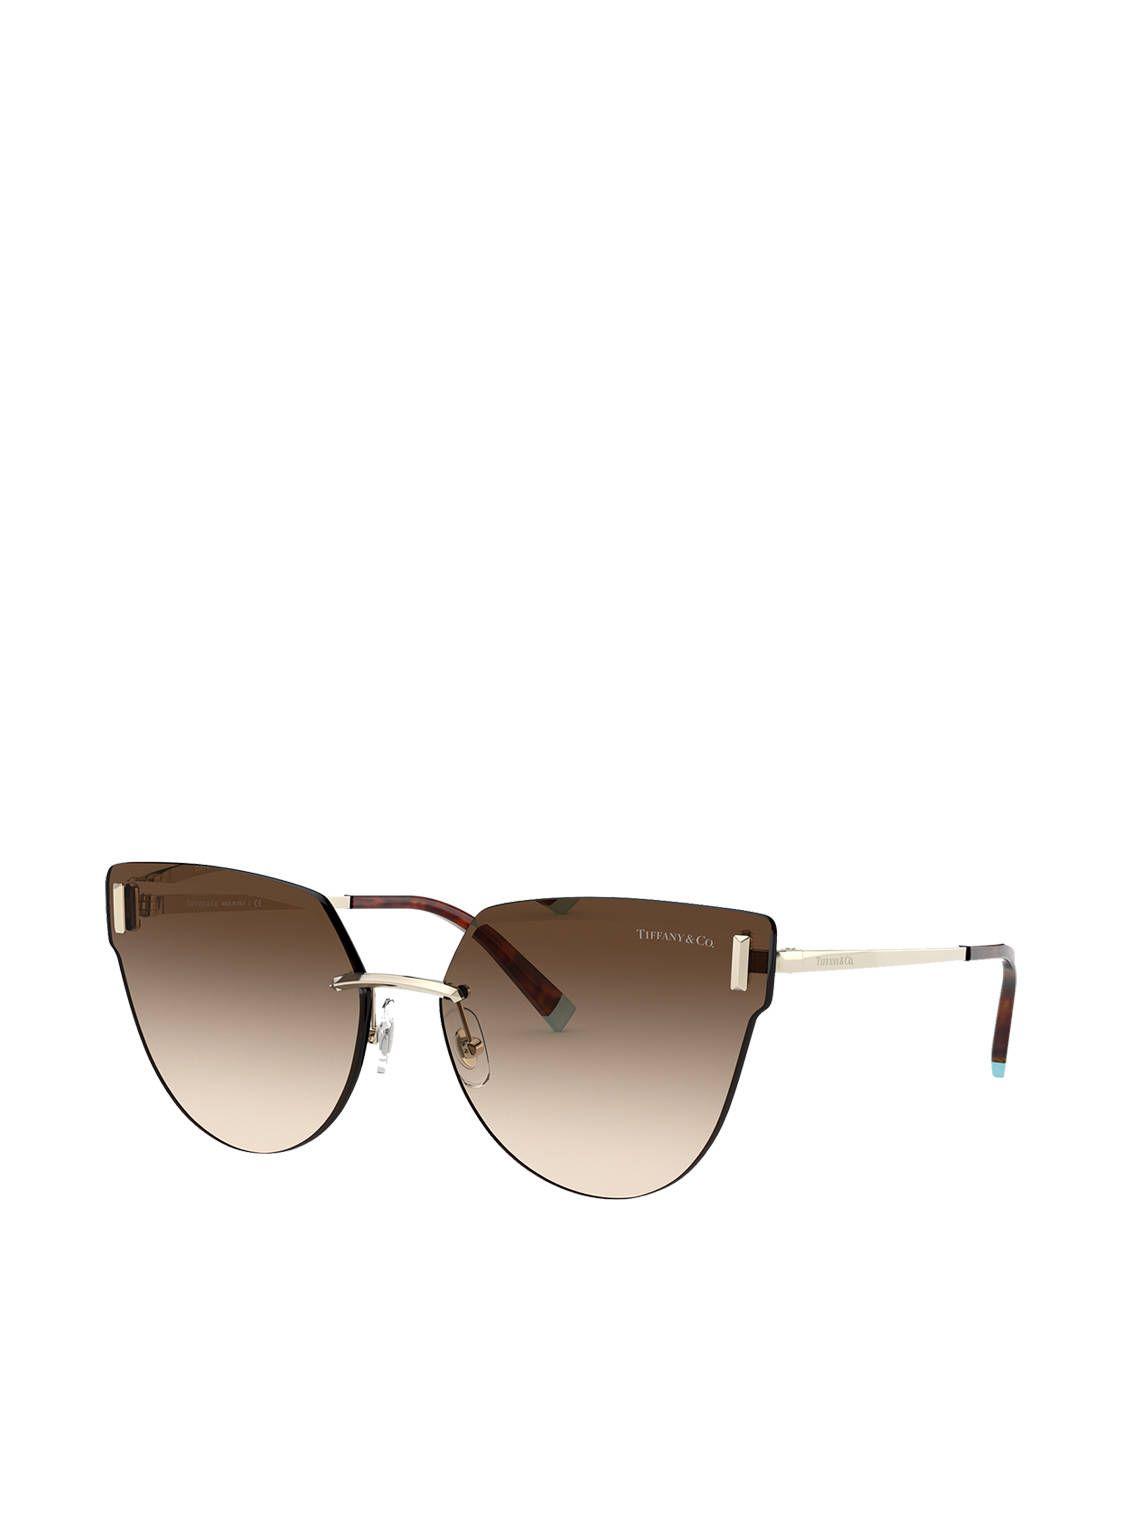 Sonnenbrille TF3070 von TIFFANY & CO bei Breuninger kaufen